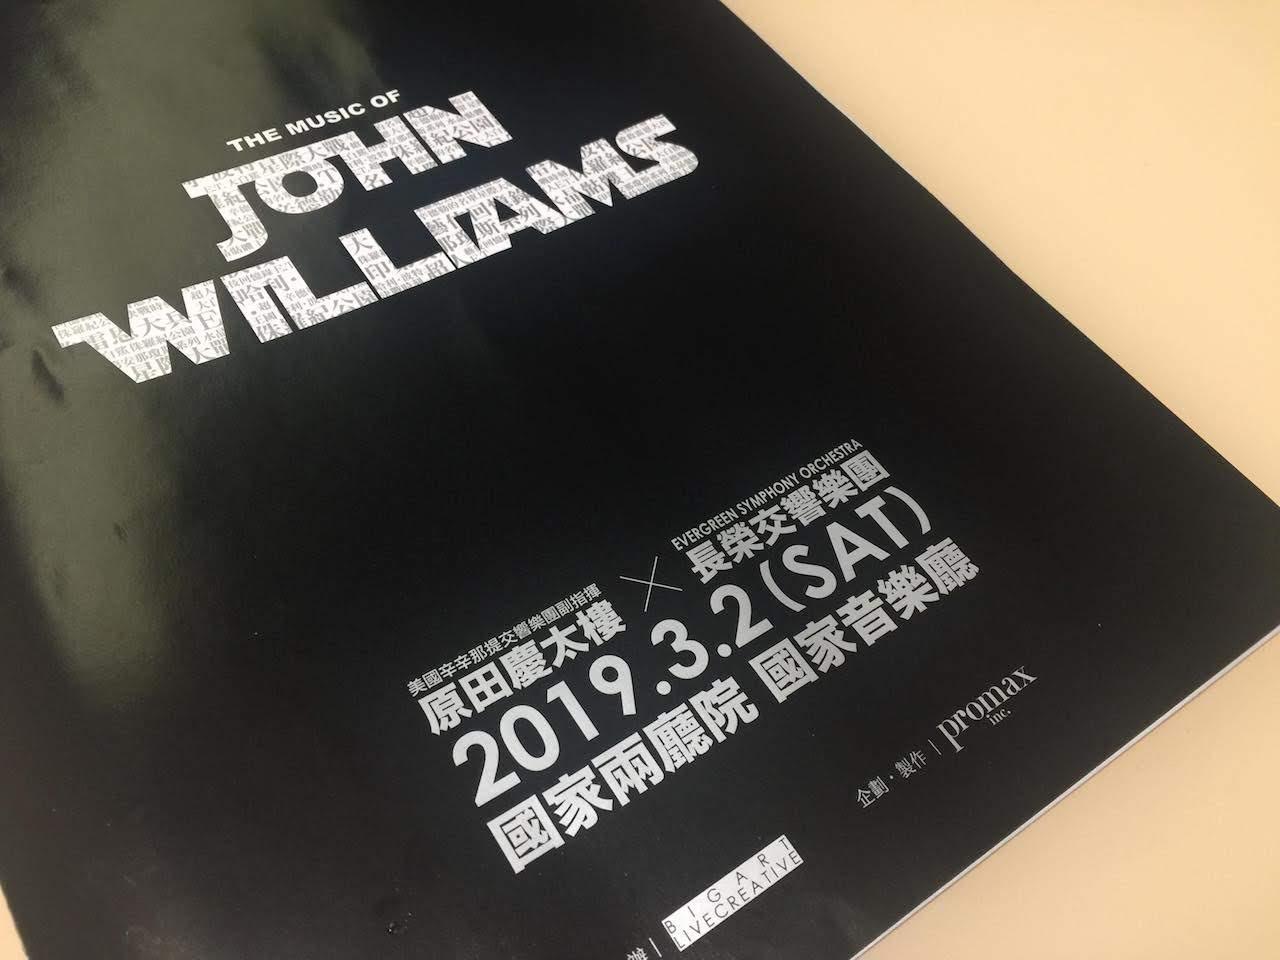 【迷迷現場】The MUSIC OF JOHN WILLIAMS 交響音樂會 「星際大戰」、「哈利波特」…多部知名電影配樂